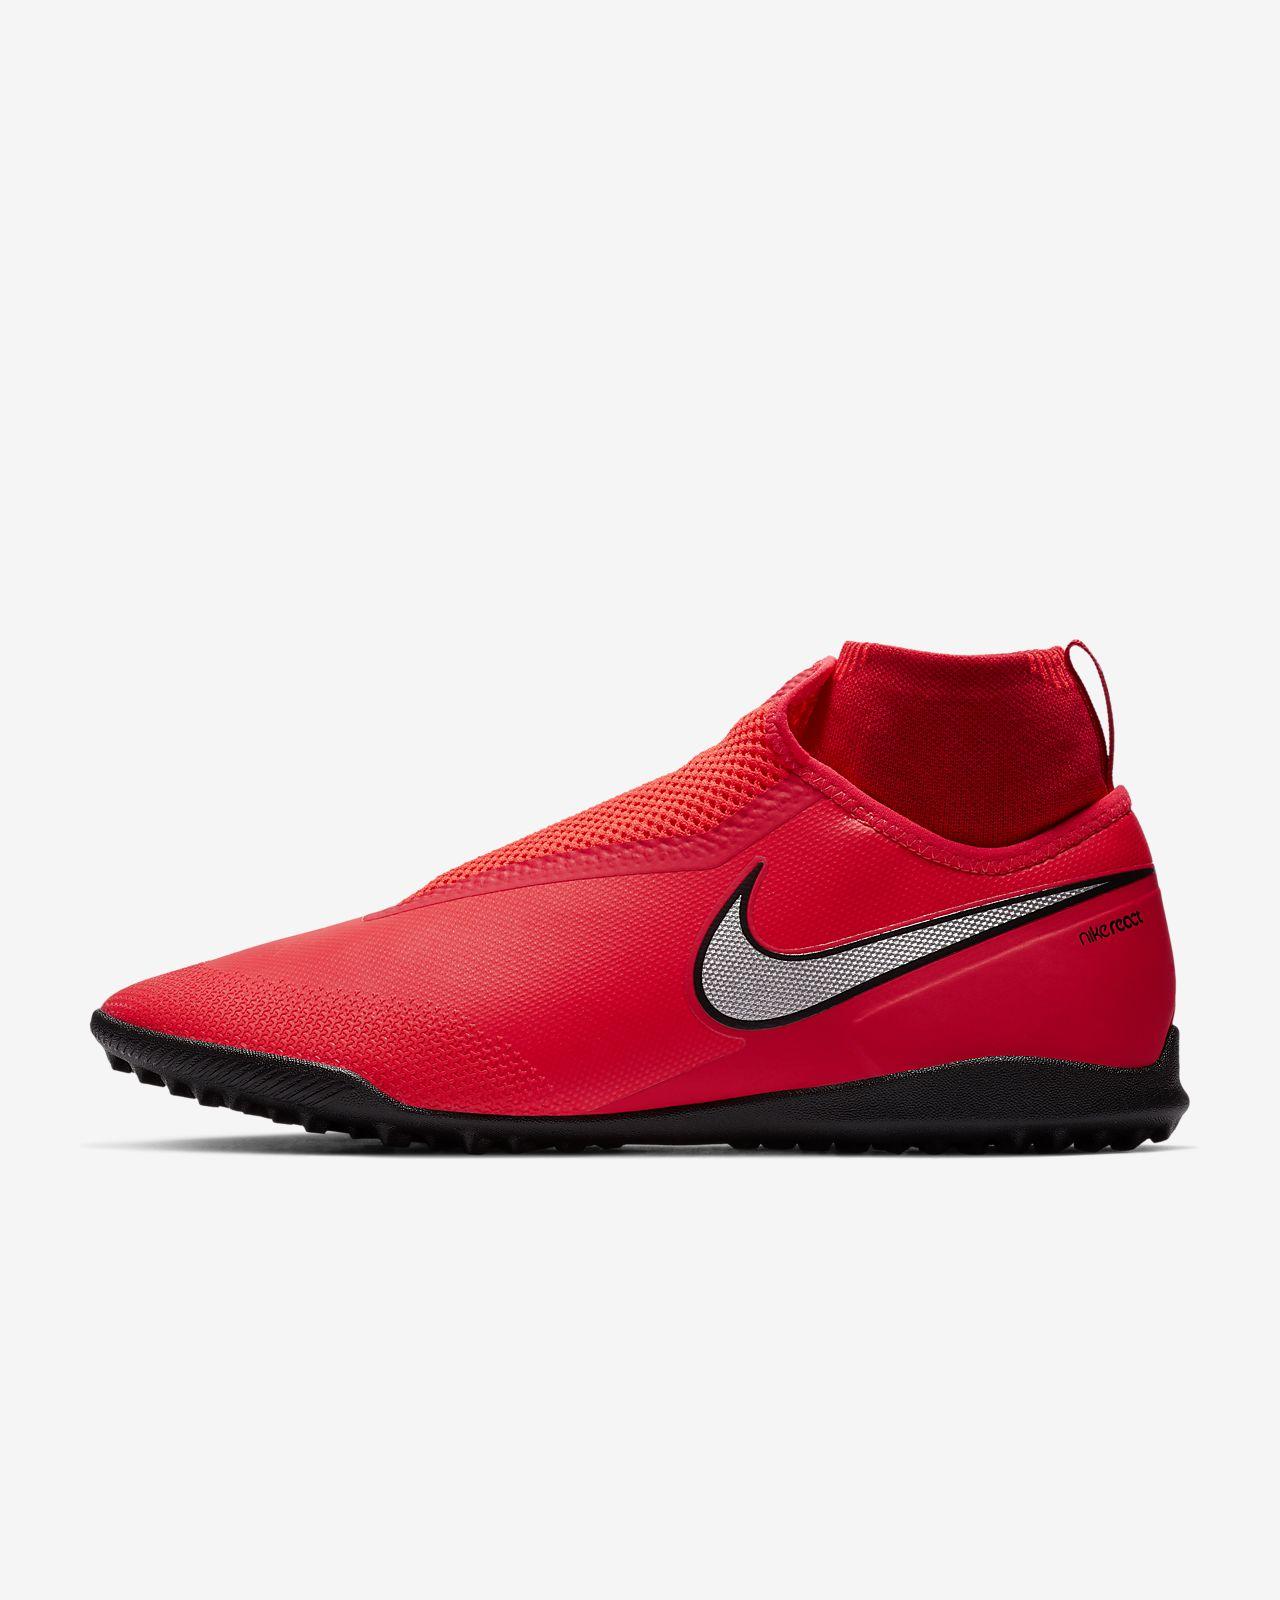 new product b9dca 29b9b Nike React PhantomVSN Pro Dynamic Fit Game Over TF Turf Fußballschuh